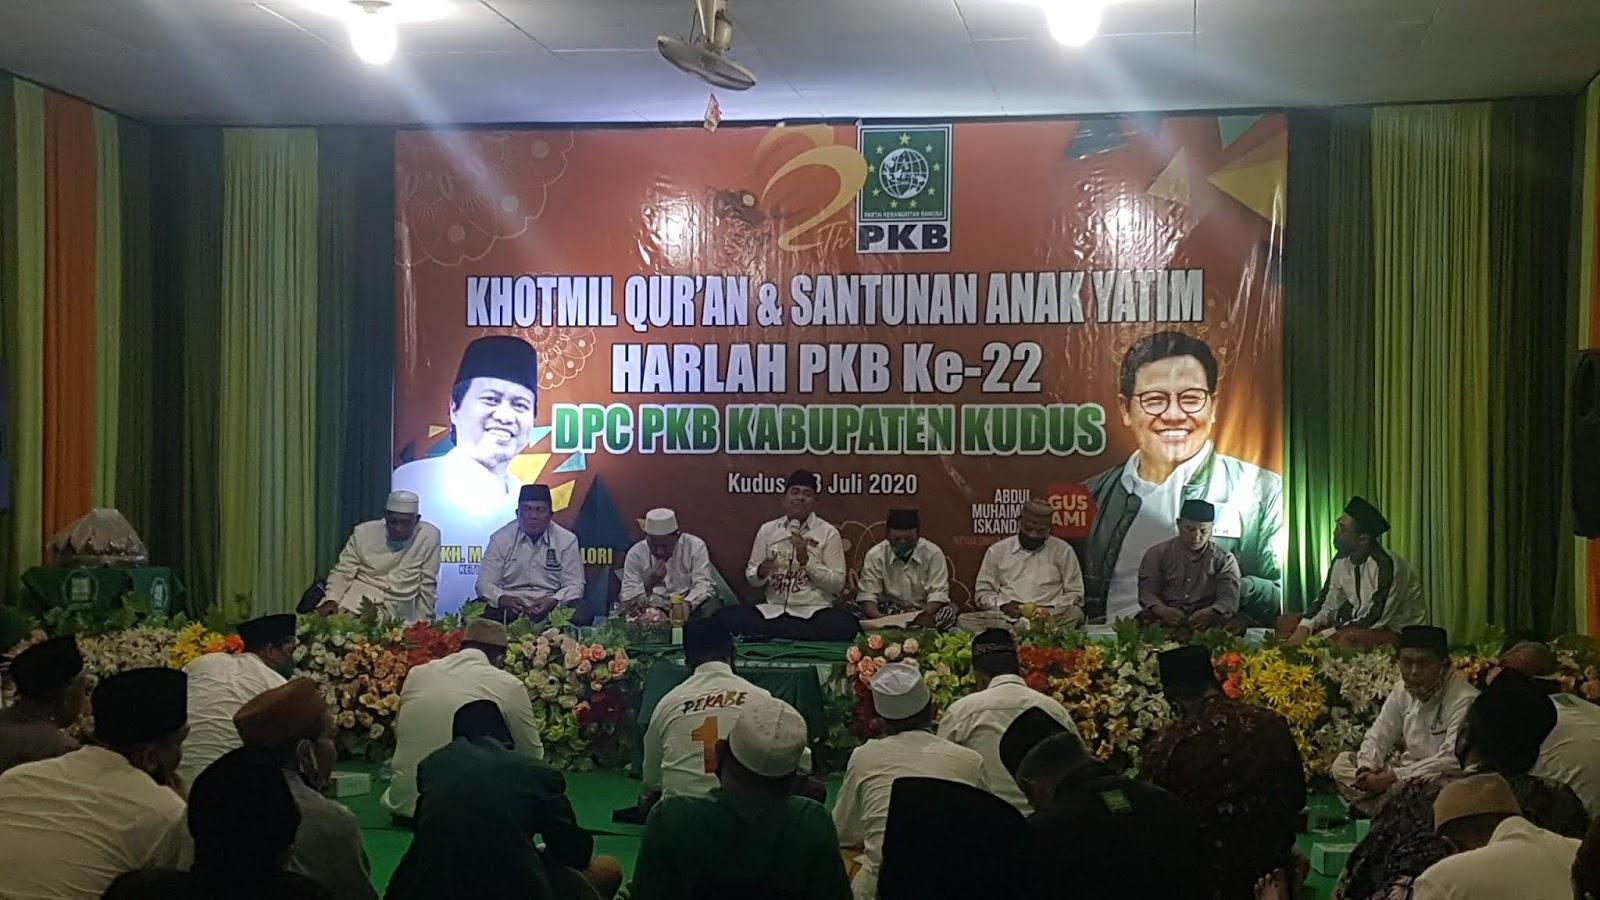 DPC PKB Kudus Gelar Khotmil Quran dan Santunan Anak Yatim